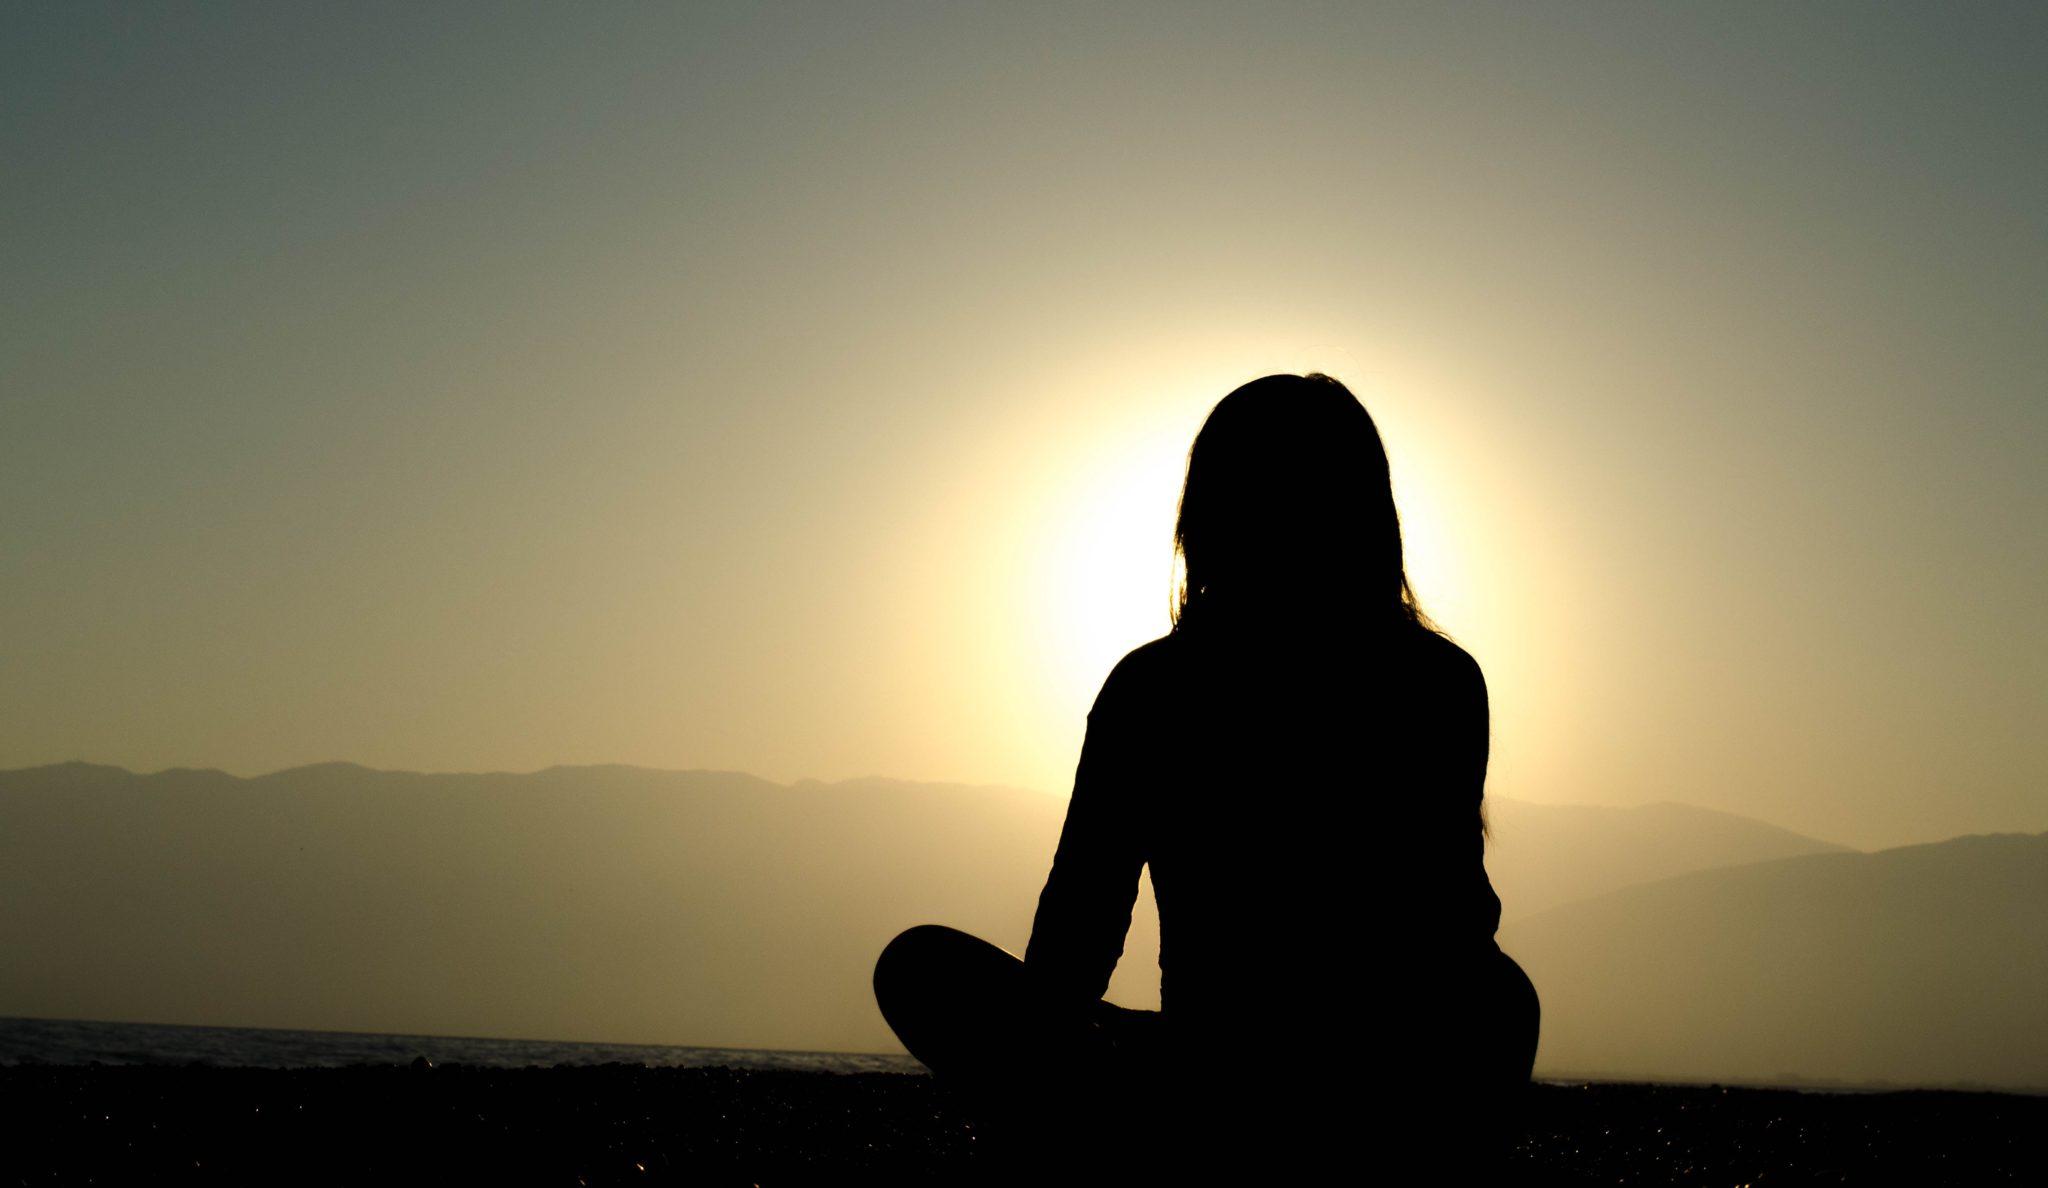 Ammatillinen kehittyminen. Nainen meditoi.